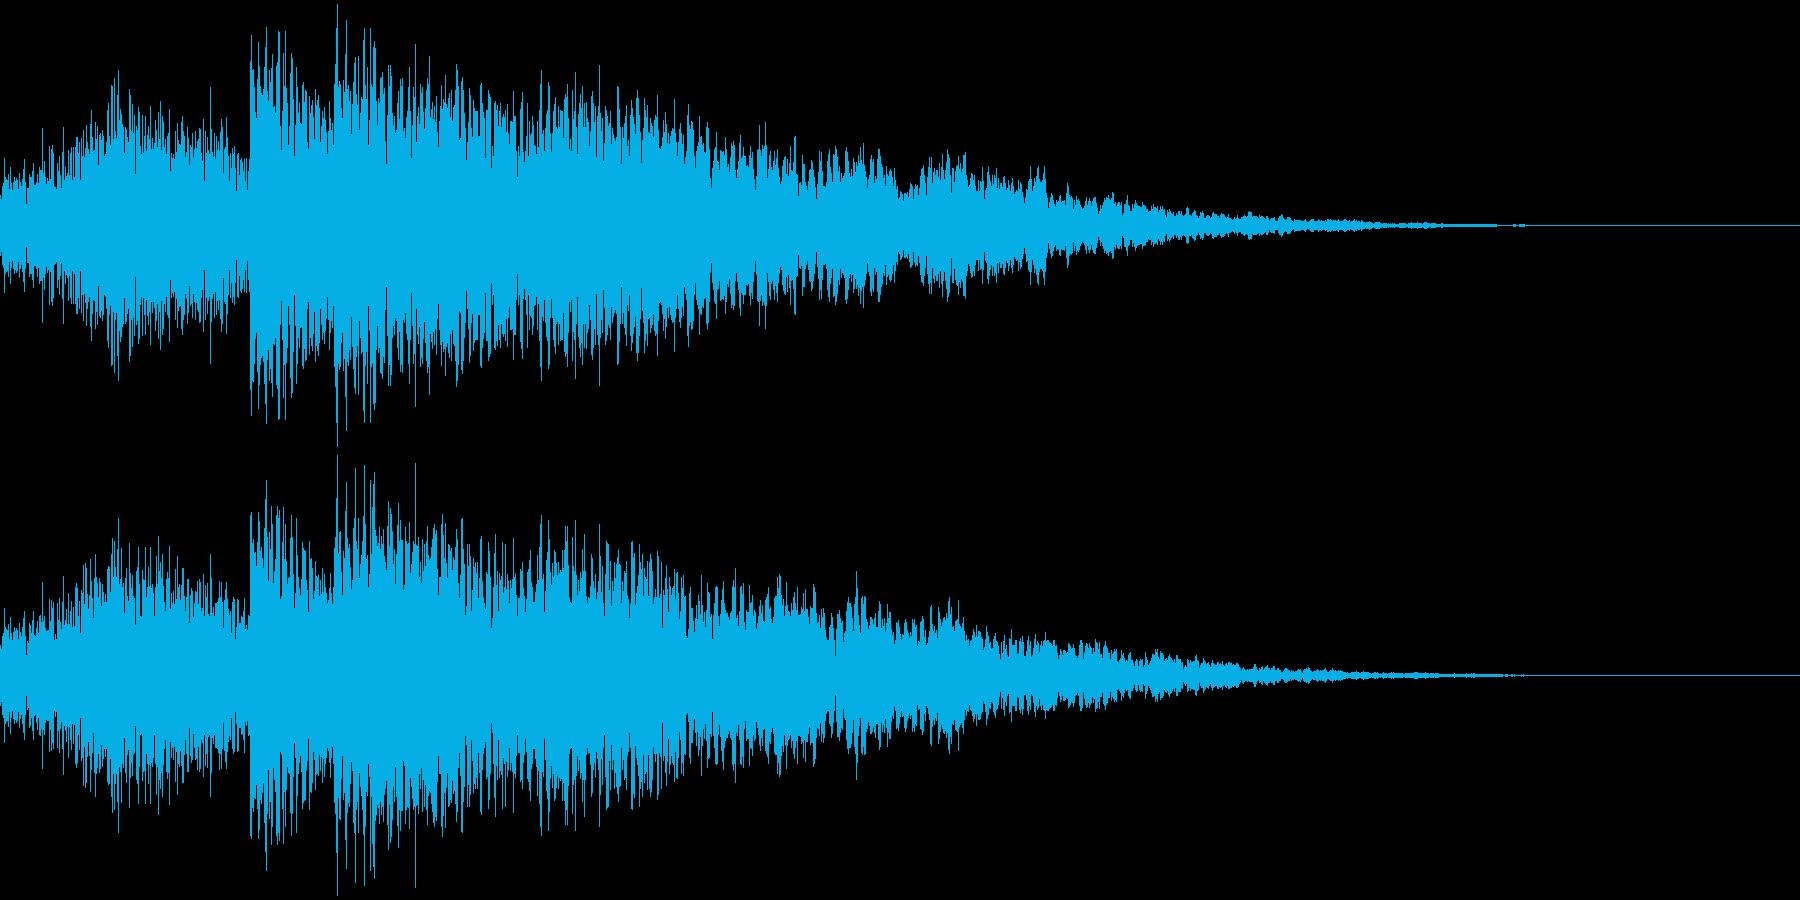 不安感のあるチャイム(グワーカコーン)の再生済みの波形